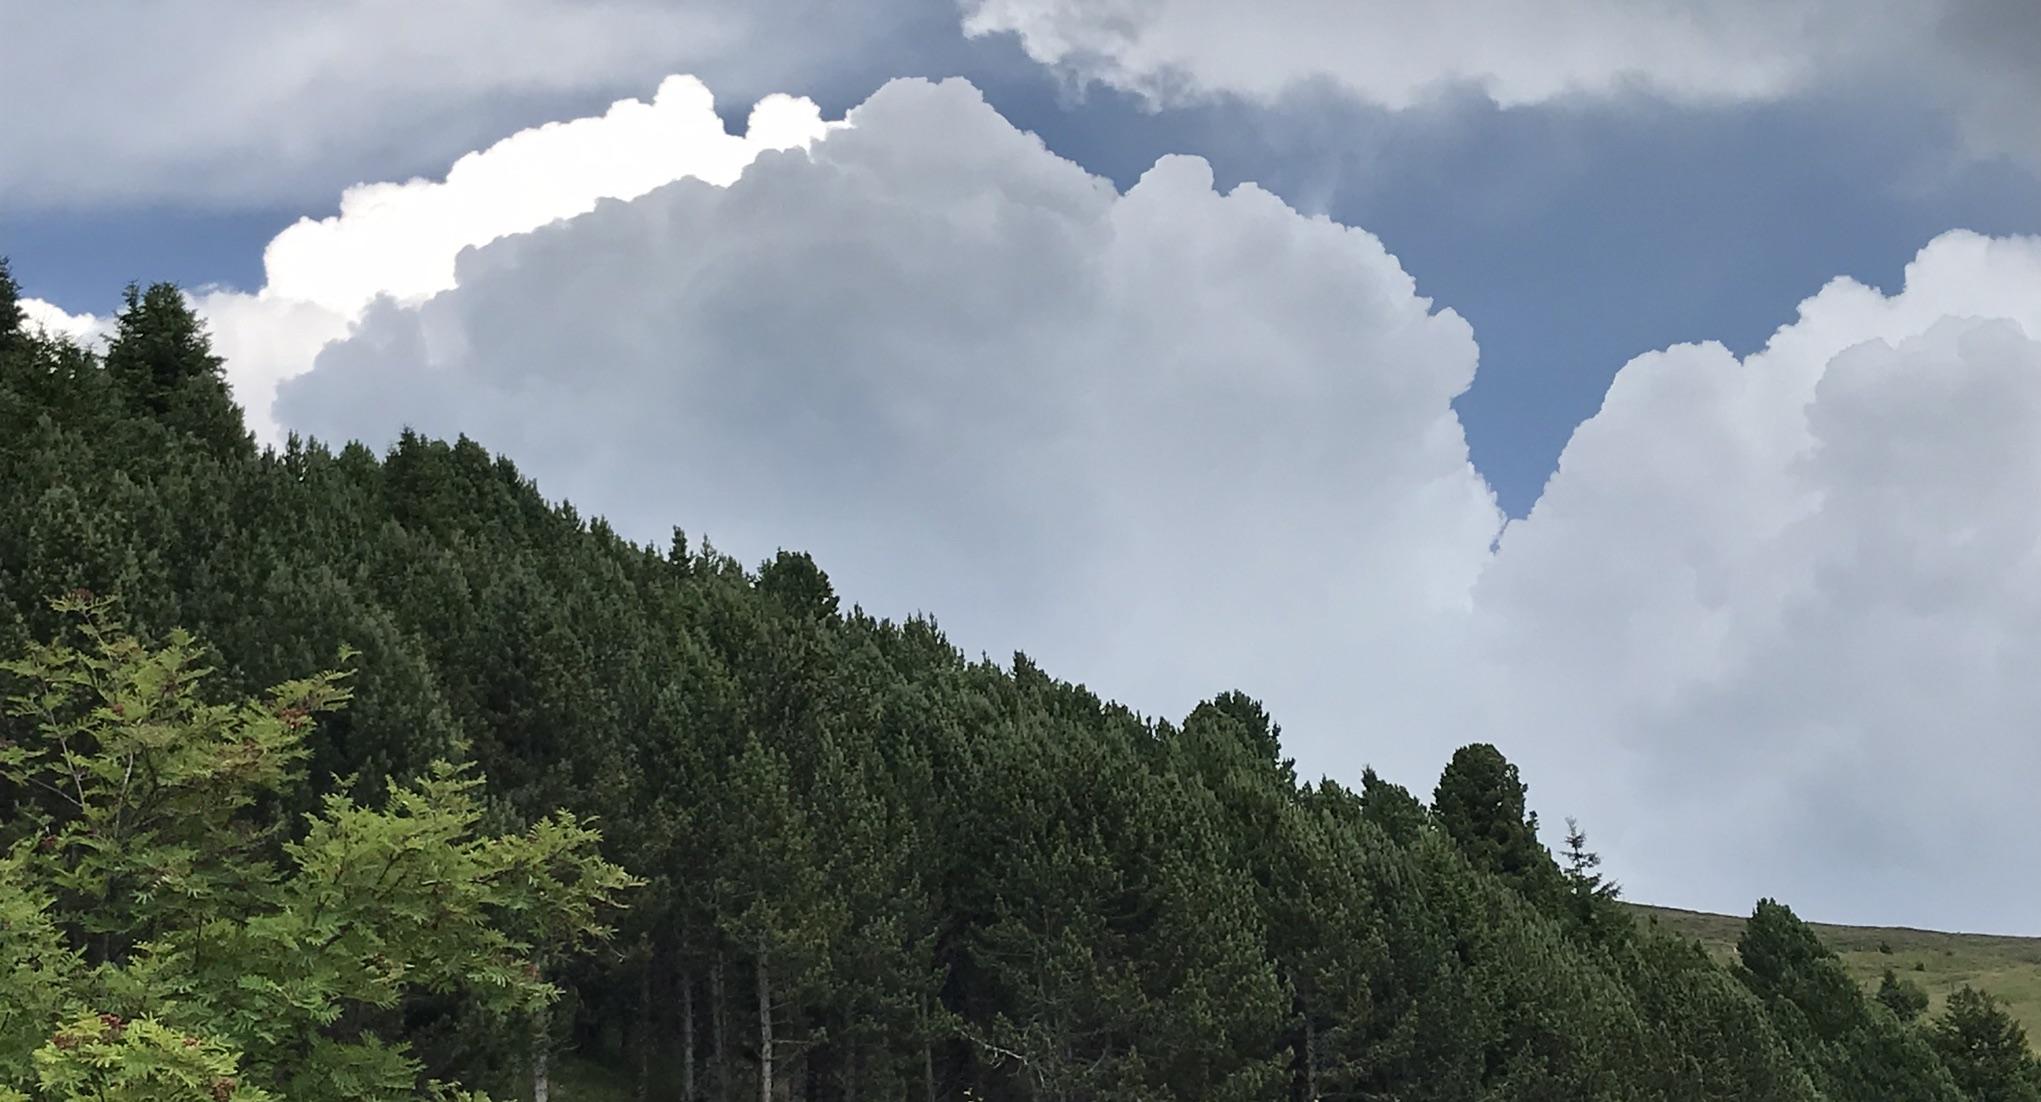 Waldbrand als Folge des Klimawandels